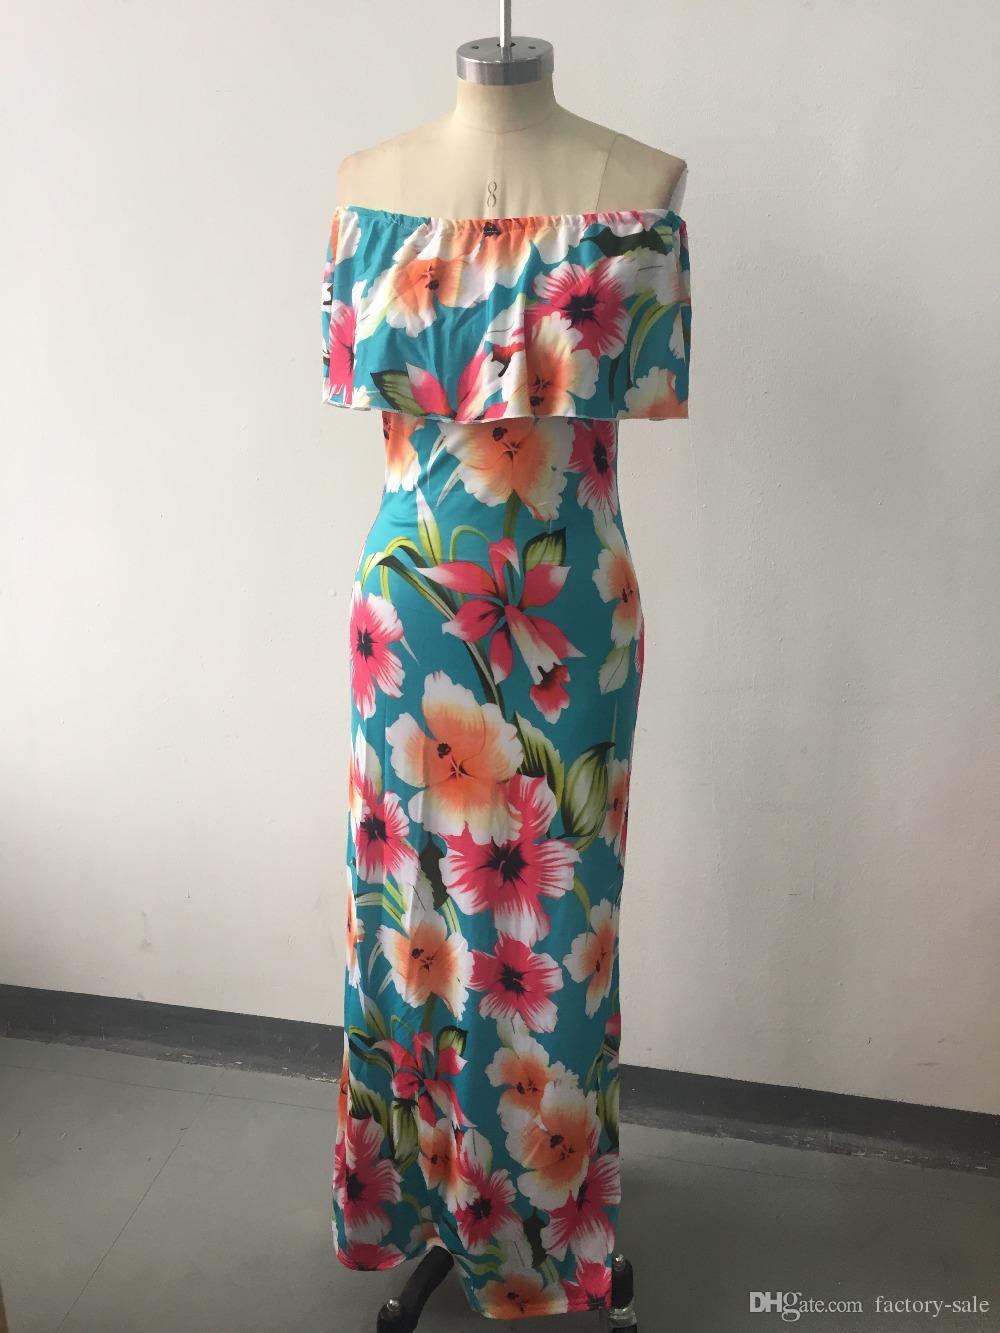 Vestiti lunghi stampati a buon mercato di estate Maxi vestiti dalle donne 2019 al largo della spalla Abiti da spiaggia Fodero aderente a pavimento a terra Vacanze FS1179